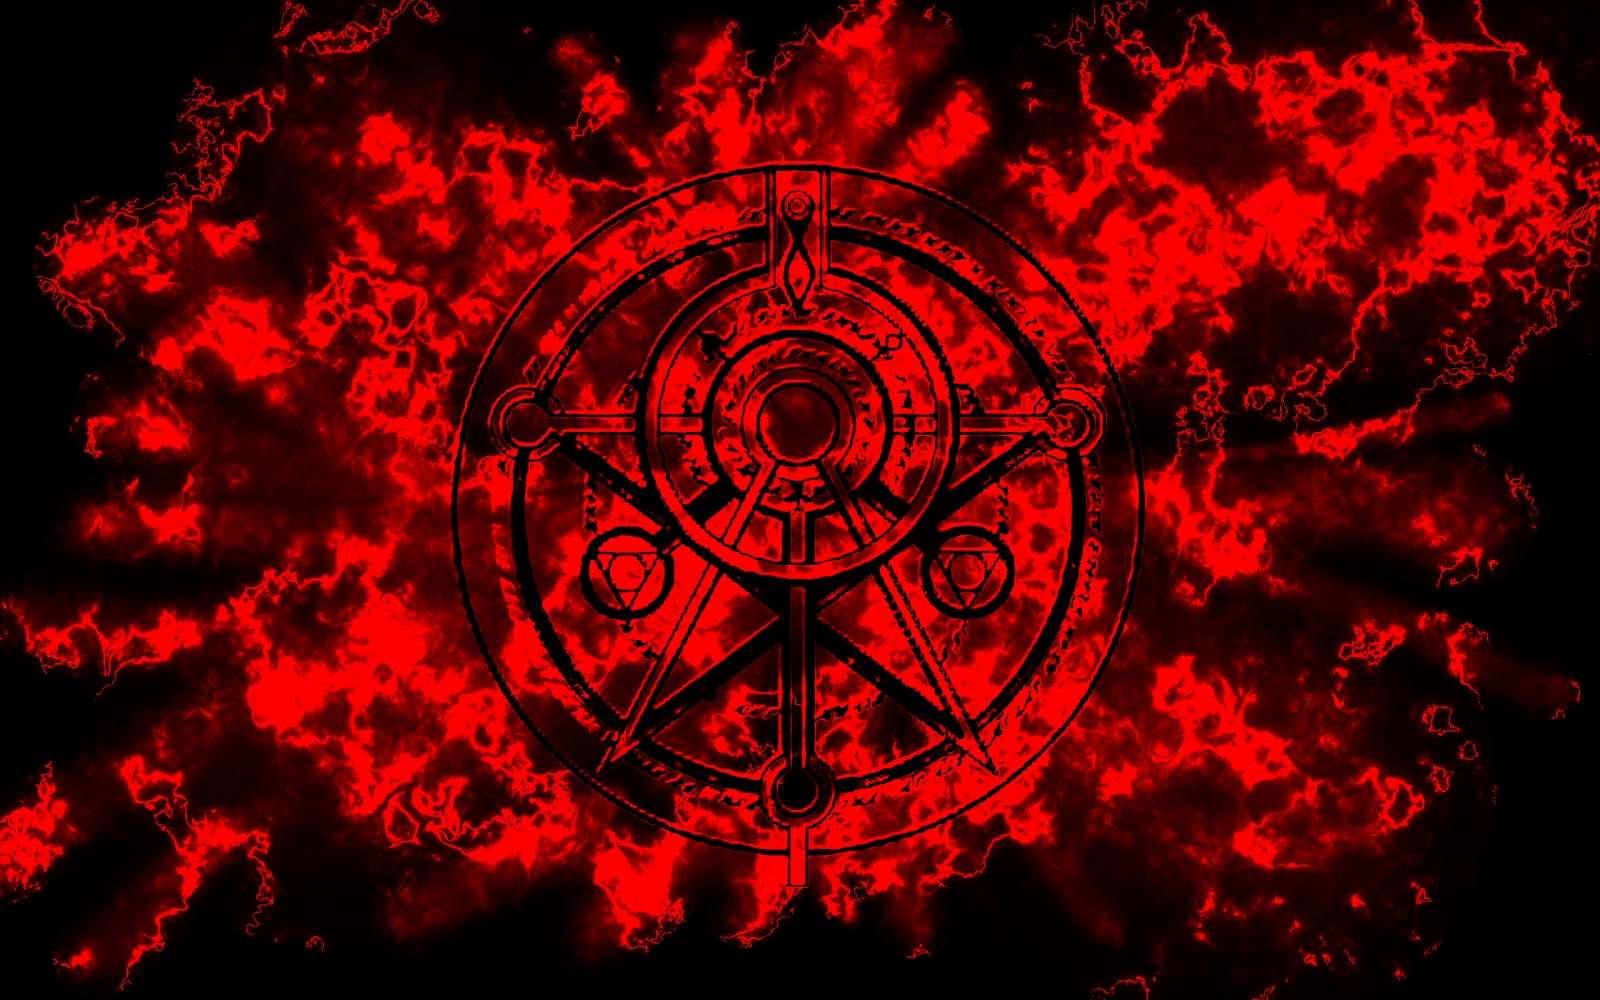 Red Black Designs Hdblackwallpaper